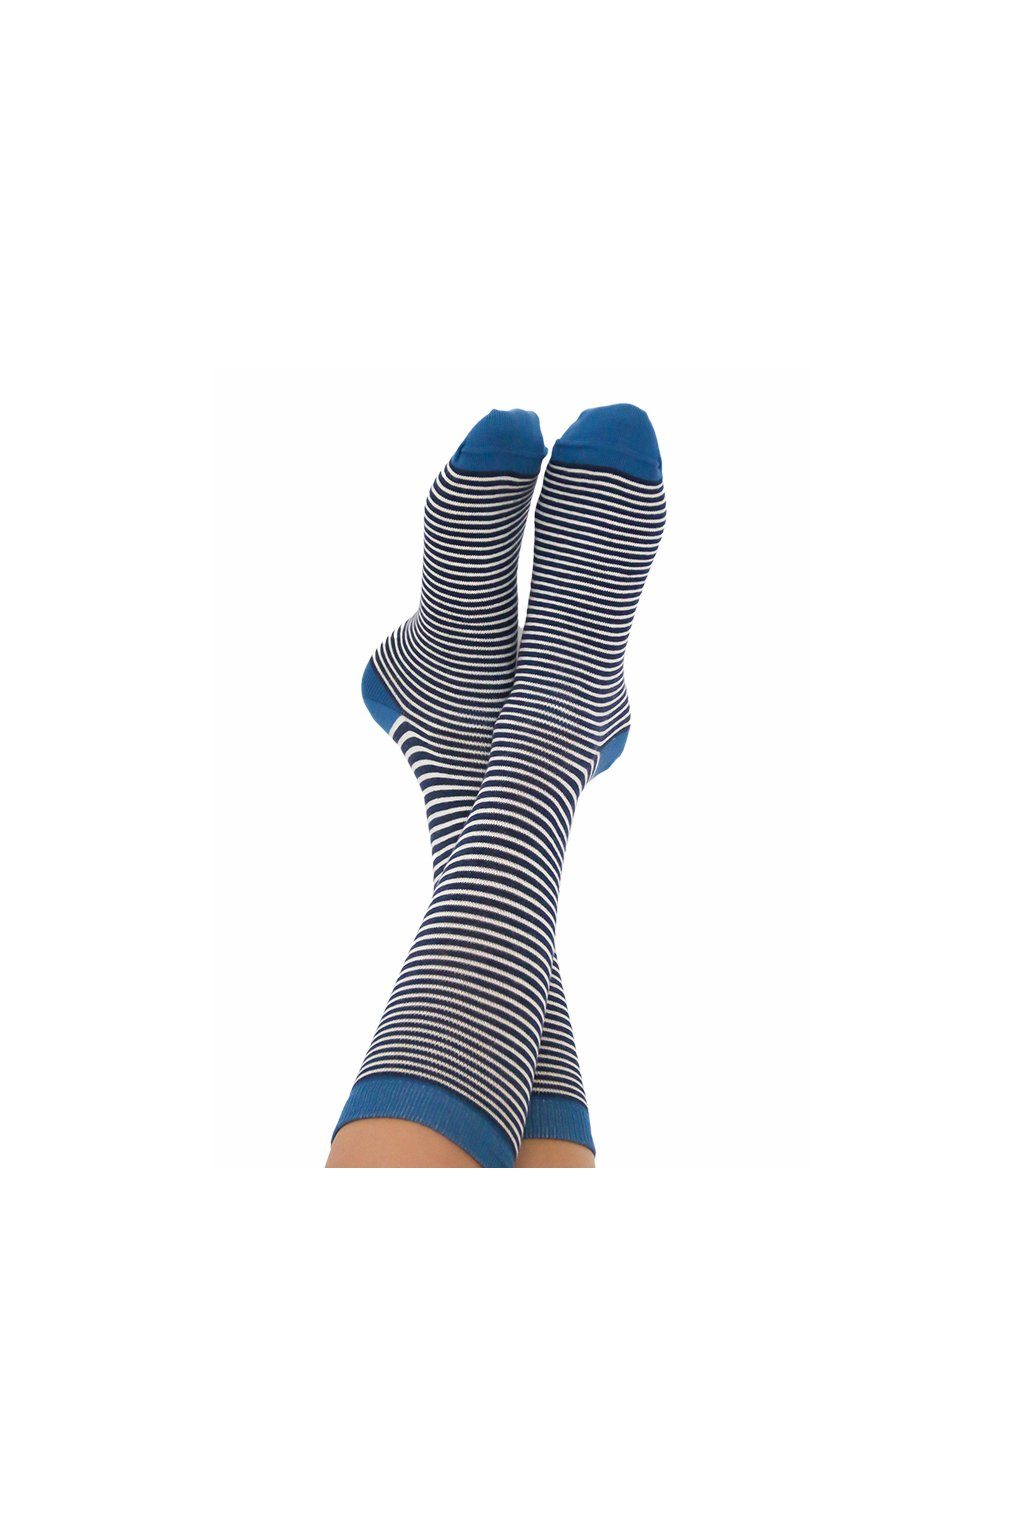 Proužkaté ponožky z biobavlny - modrá/bílá (Velikost 35-38)